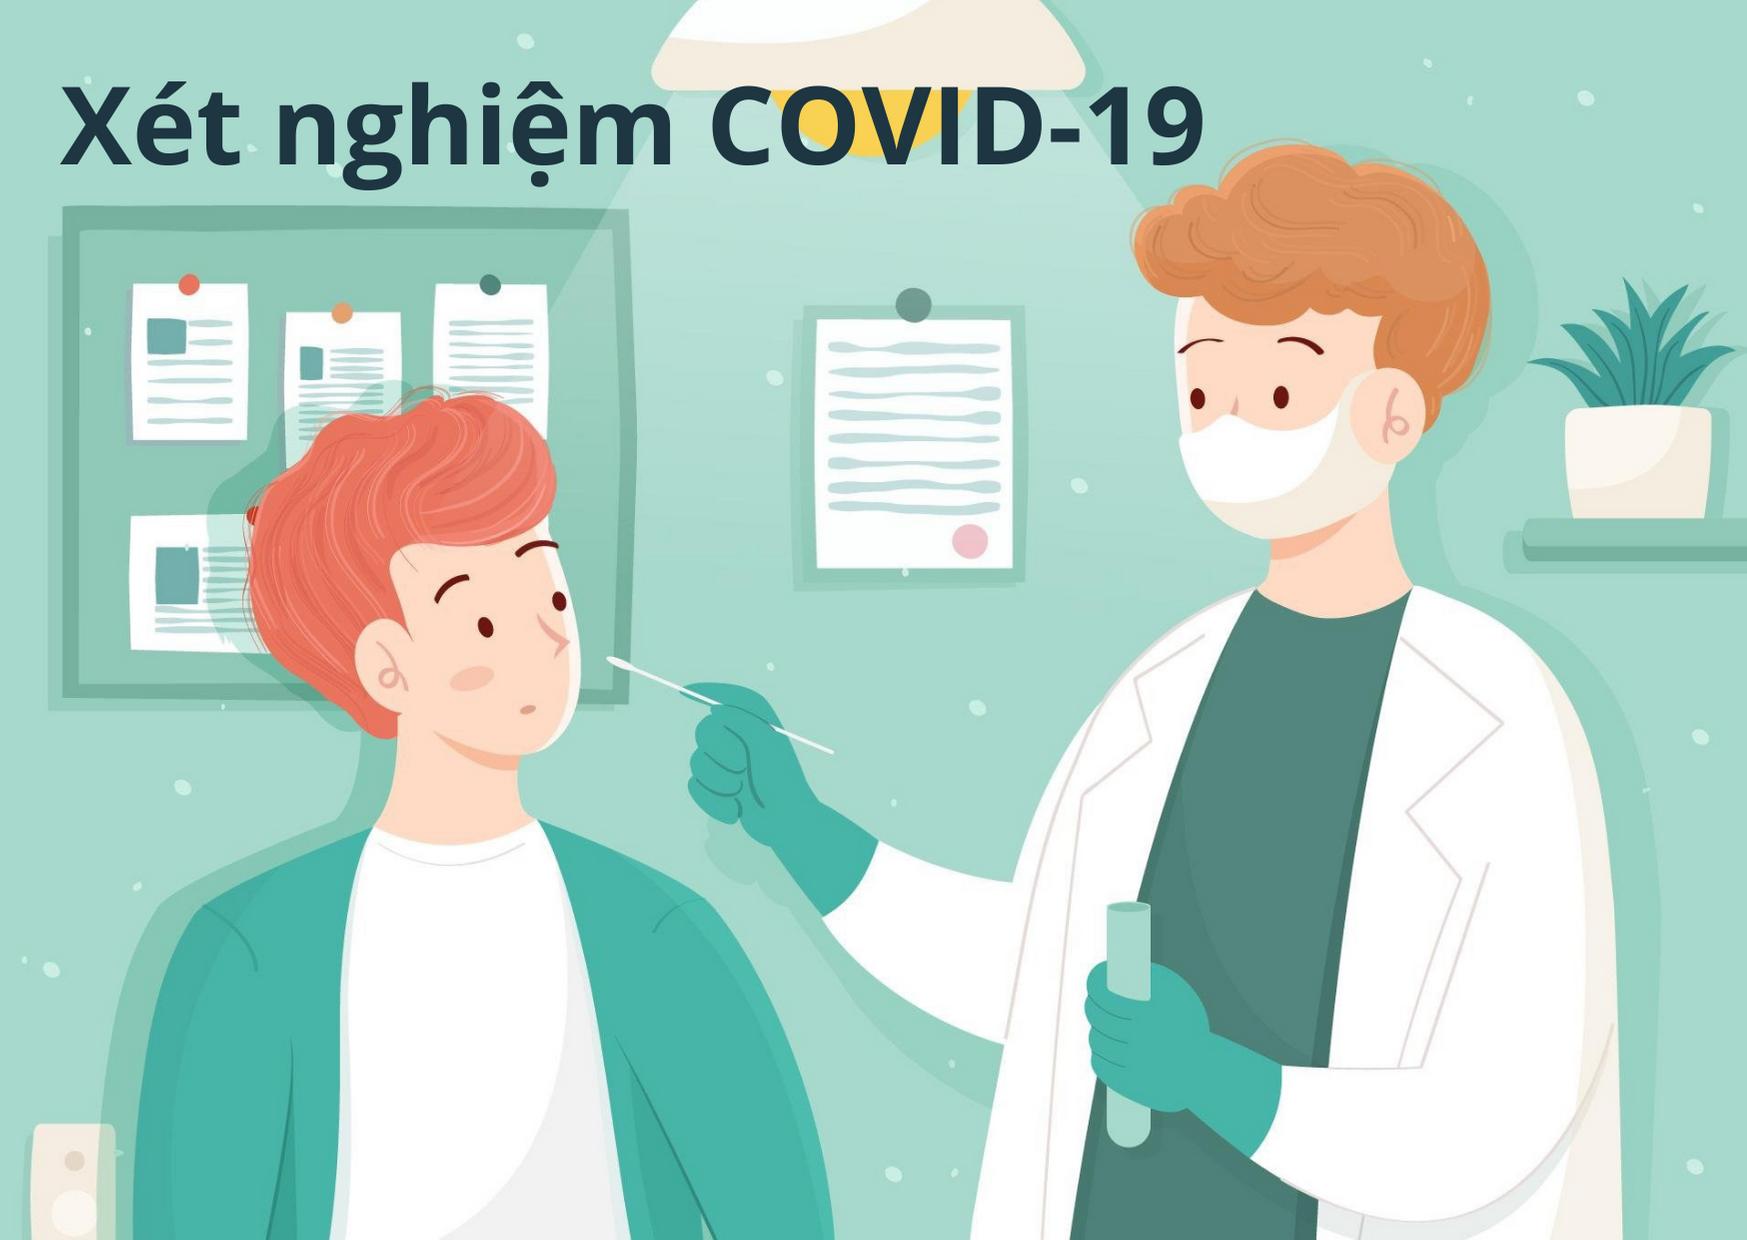 Xét nghiệm COVID-19